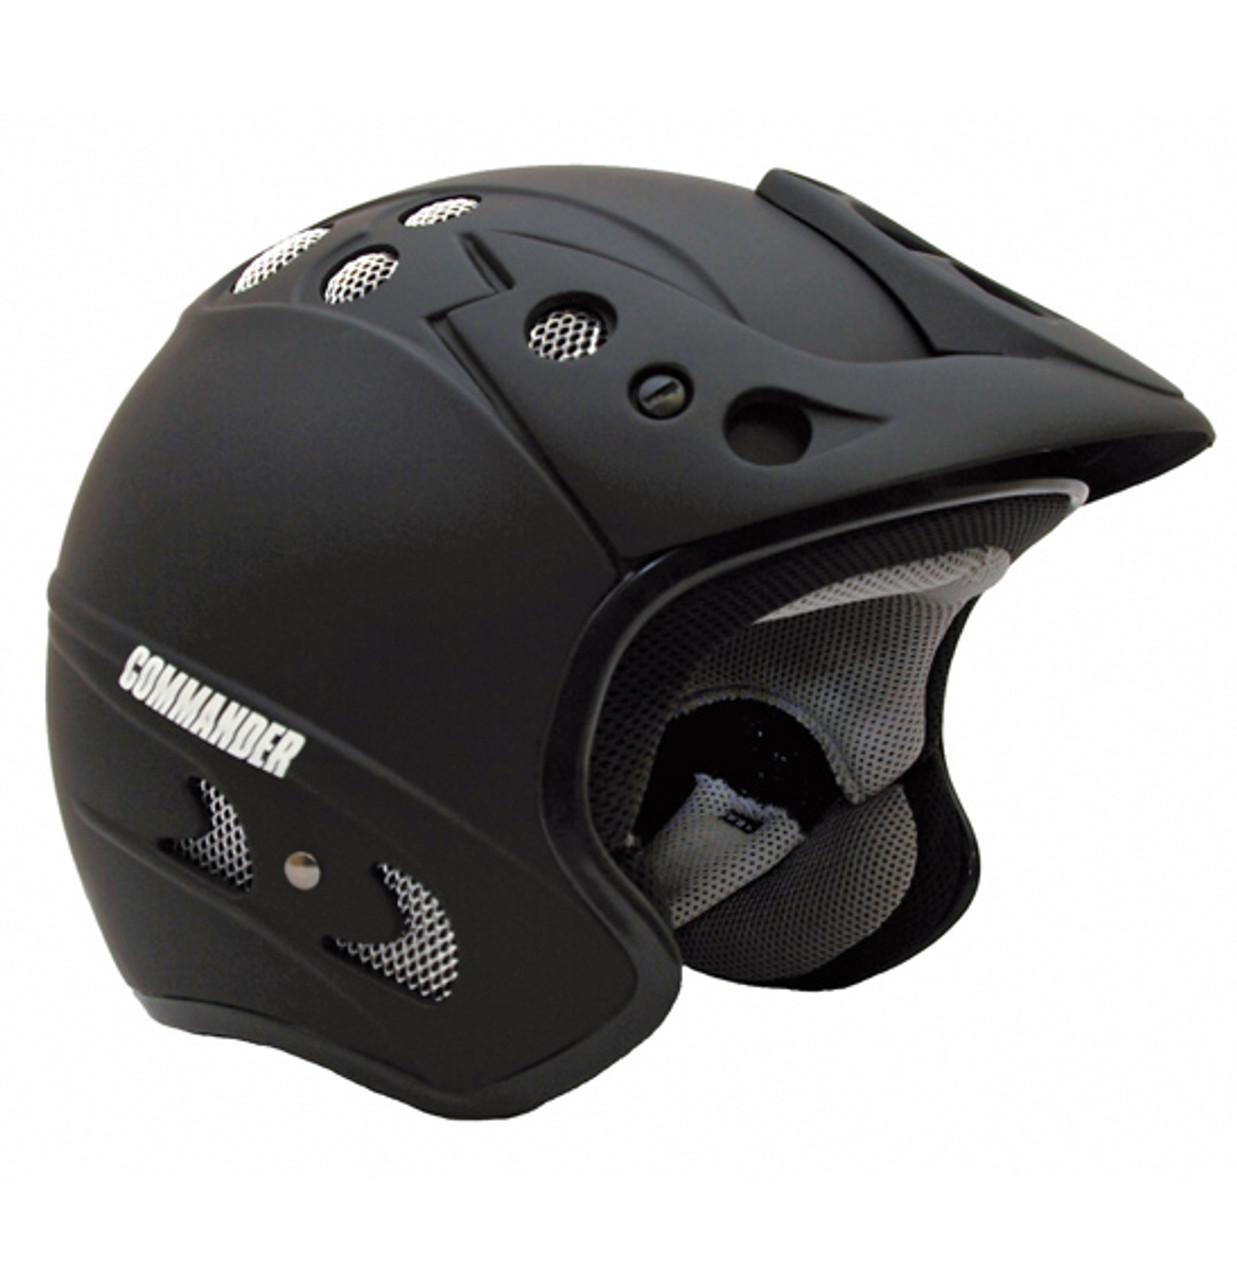 Commander - Scooter/ATV Open Face Jet Helmet - Matt Black